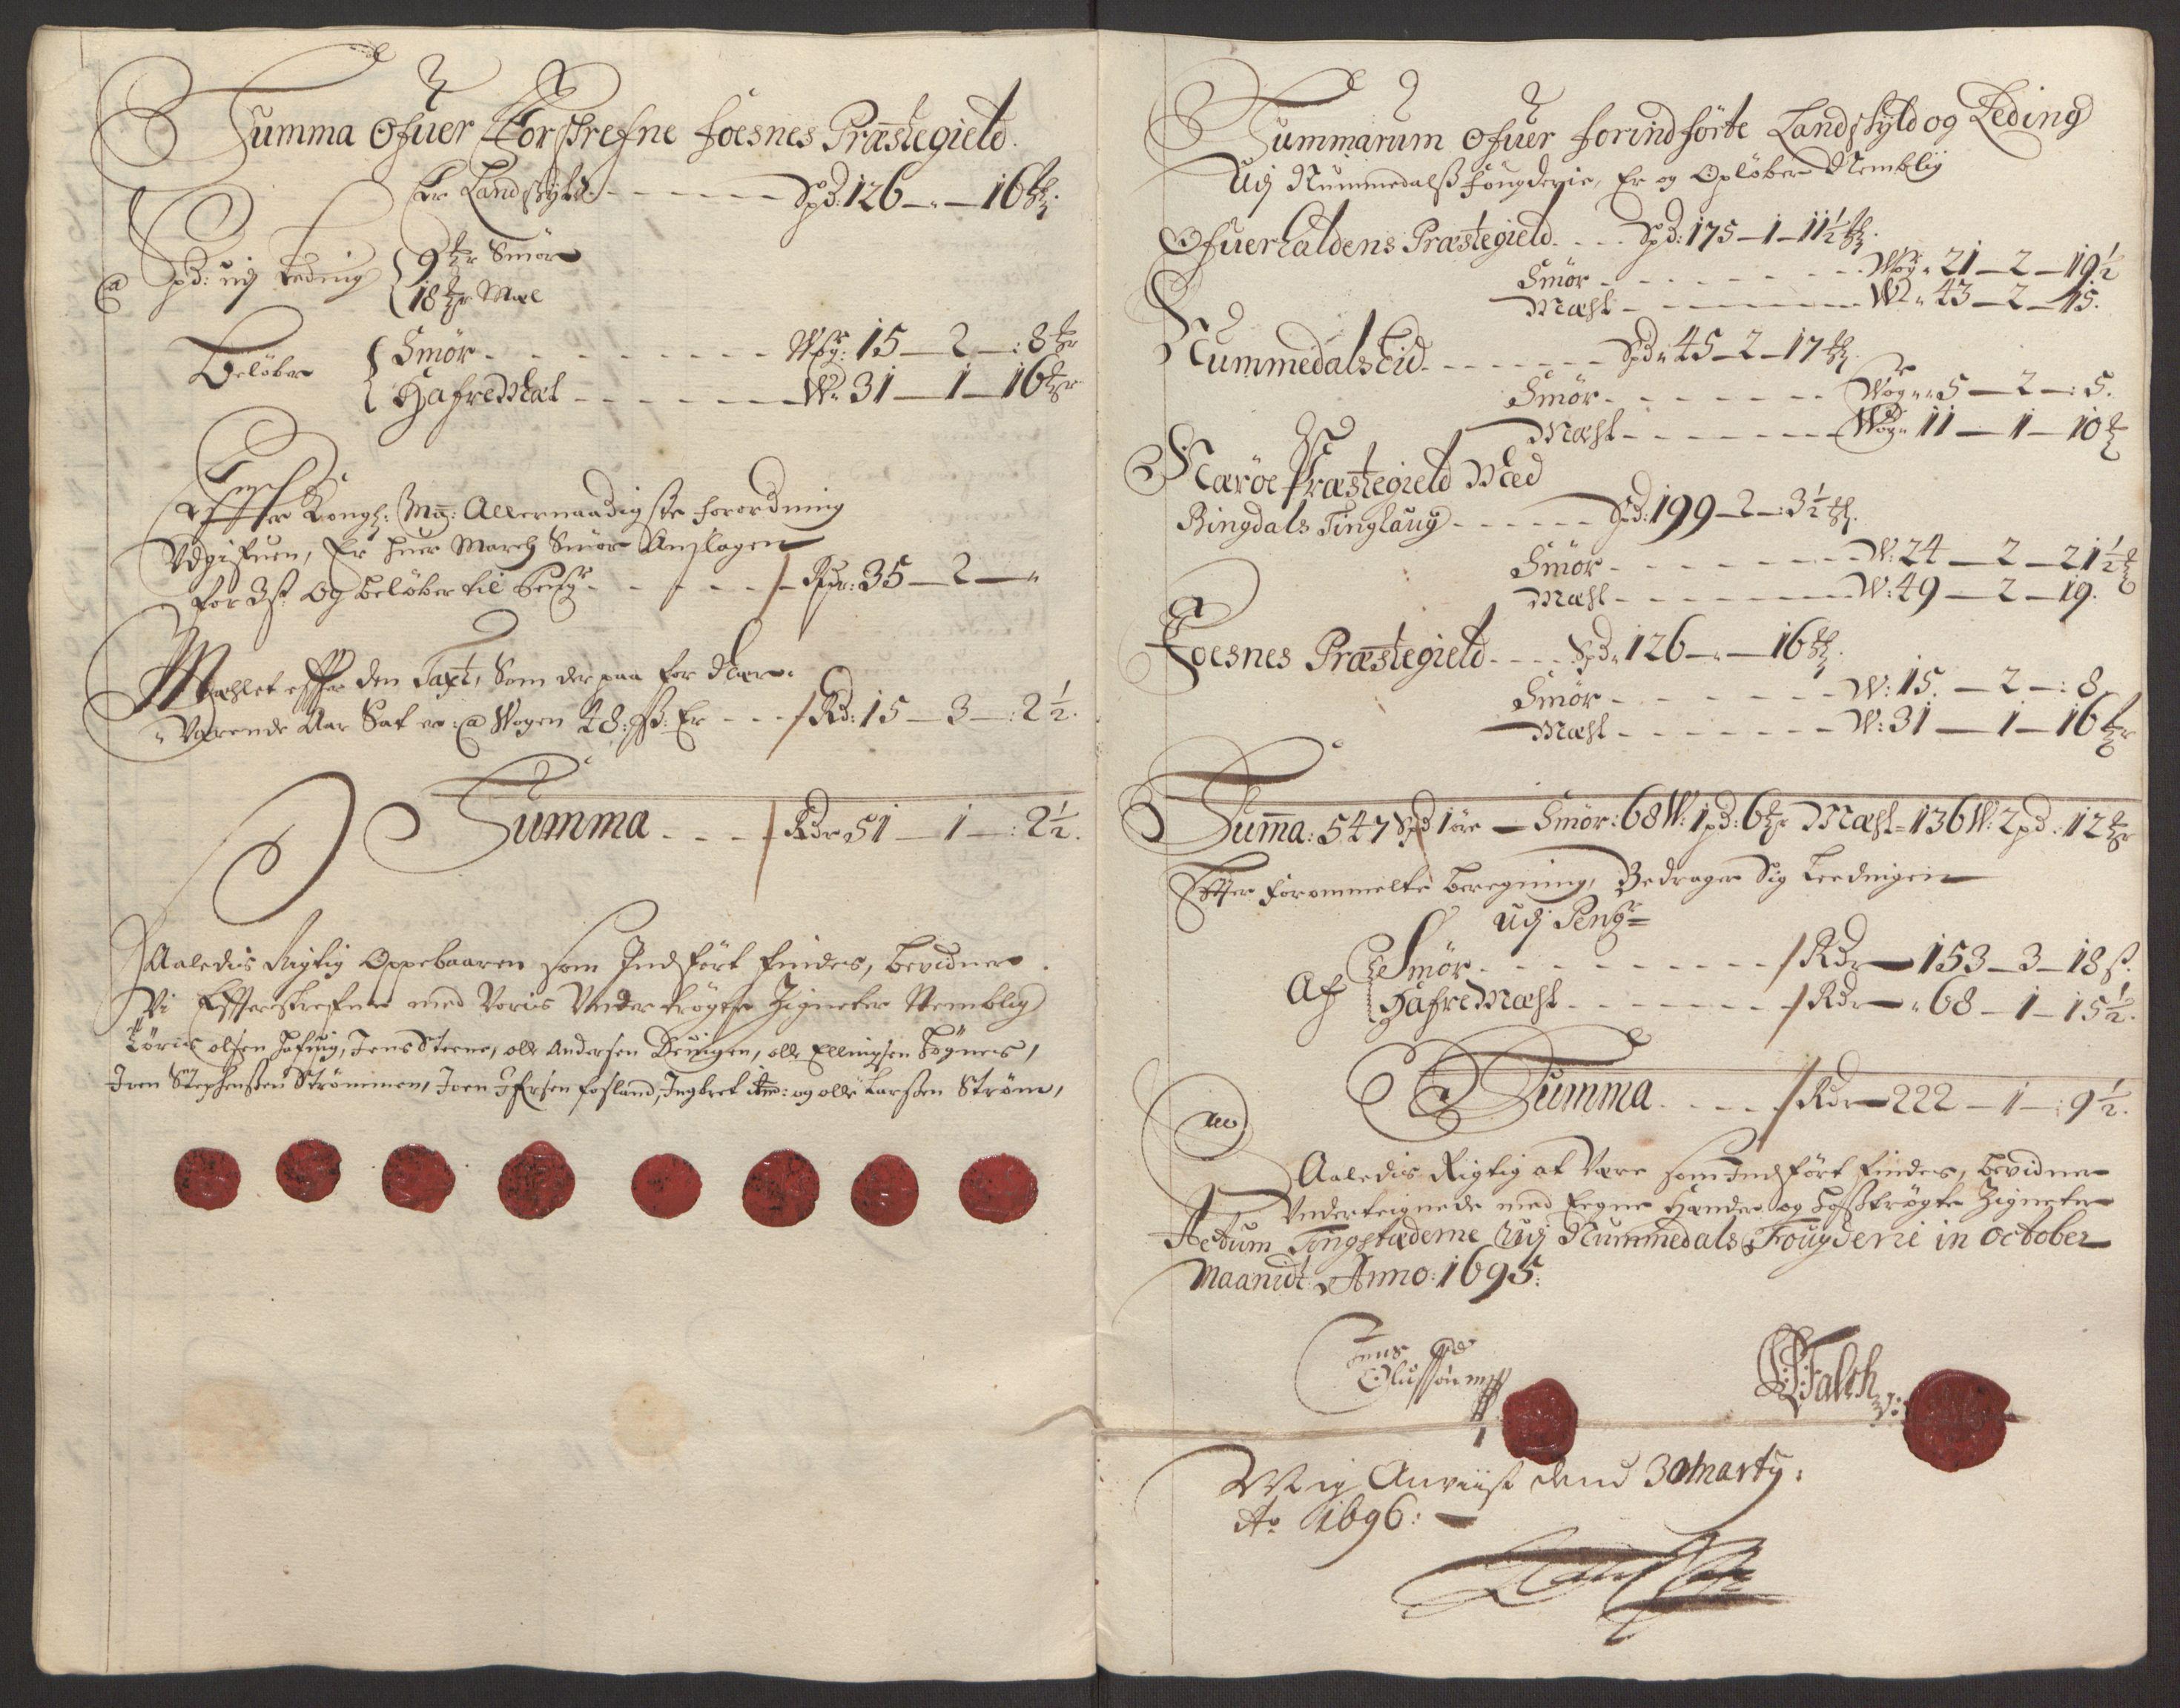 RA, Rentekammeret inntil 1814, Reviderte regnskaper, Fogderegnskap, R64/L4424: Fogderegnskap Namdal, 1692-1695, s. 505